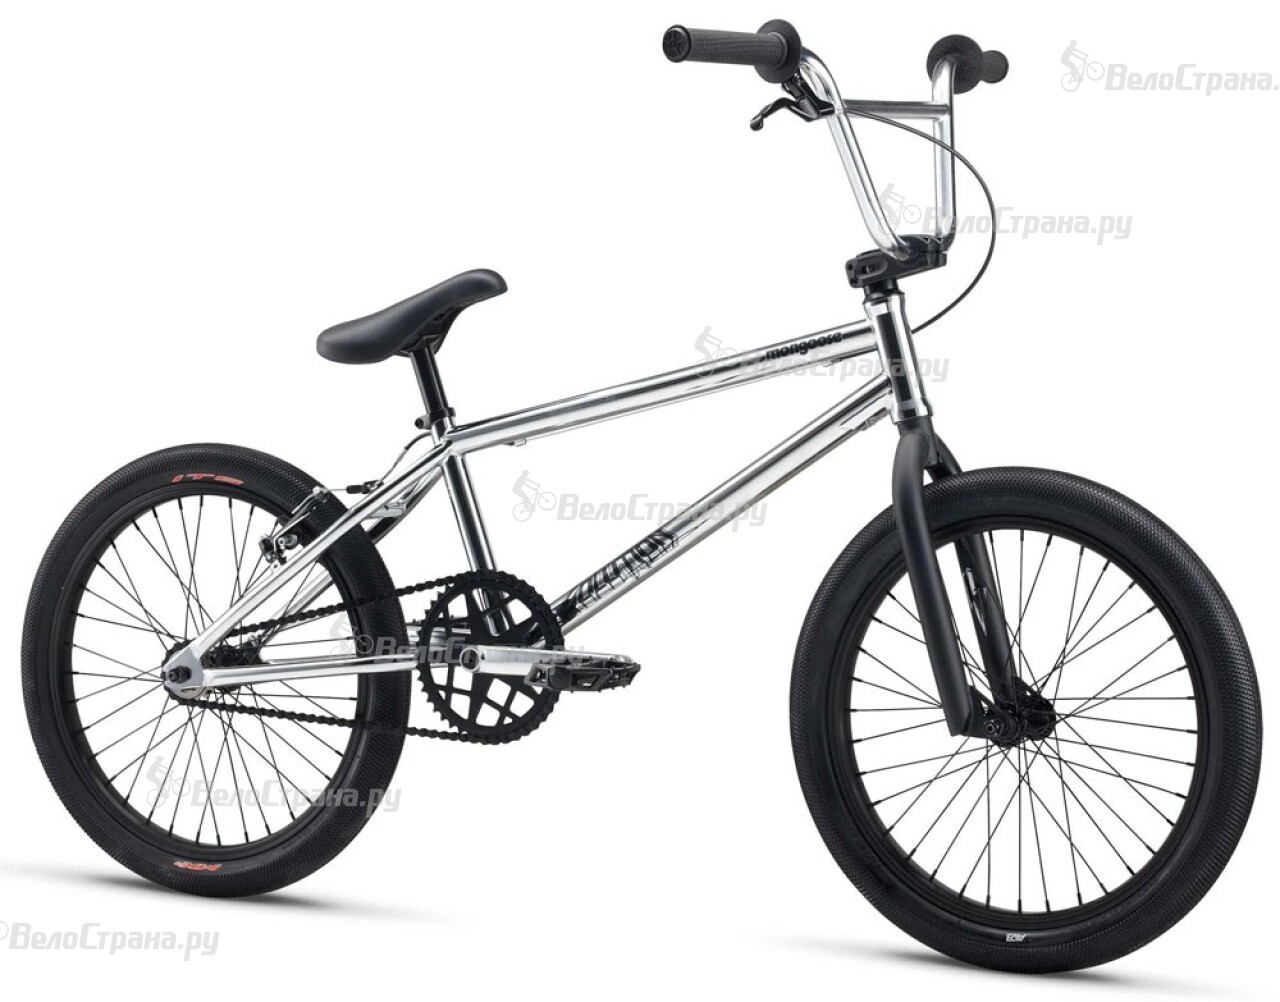 Велосипед Mongoose Ritual Street (2013) ritual lighting